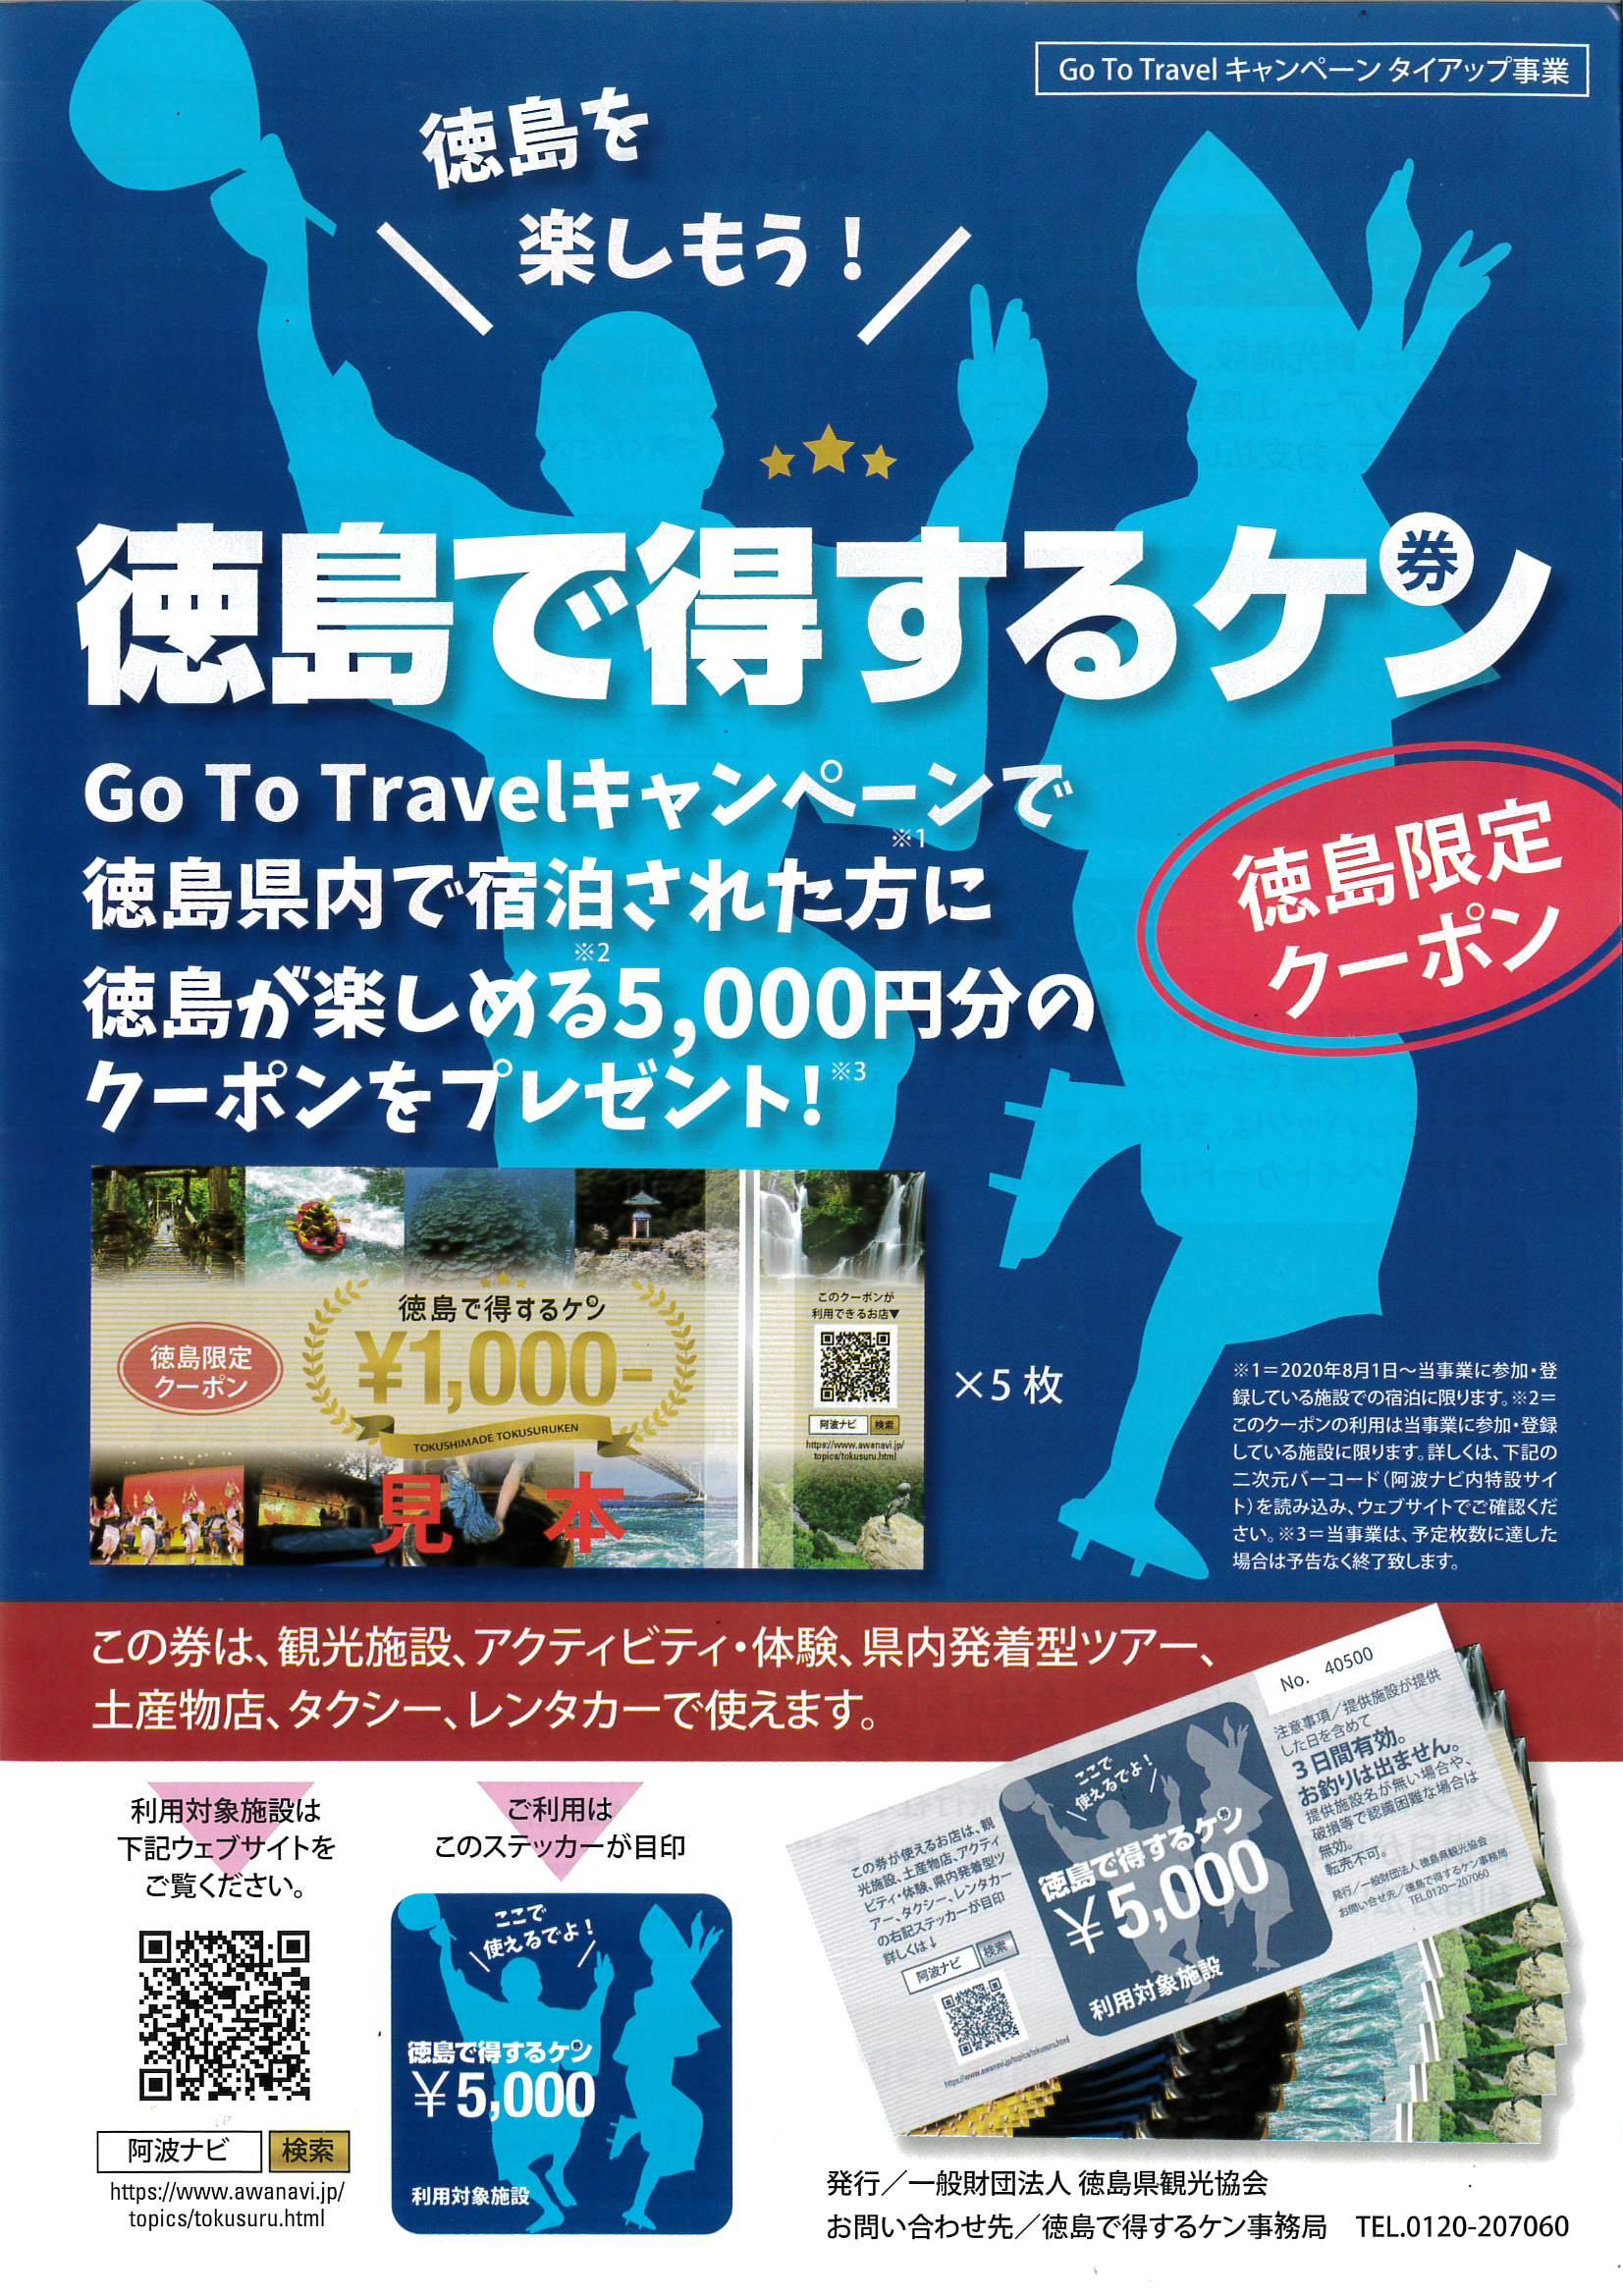 https://www.kazurabashi.co.jp/news/MX-3150FN_20200808_181905_0001.jpg